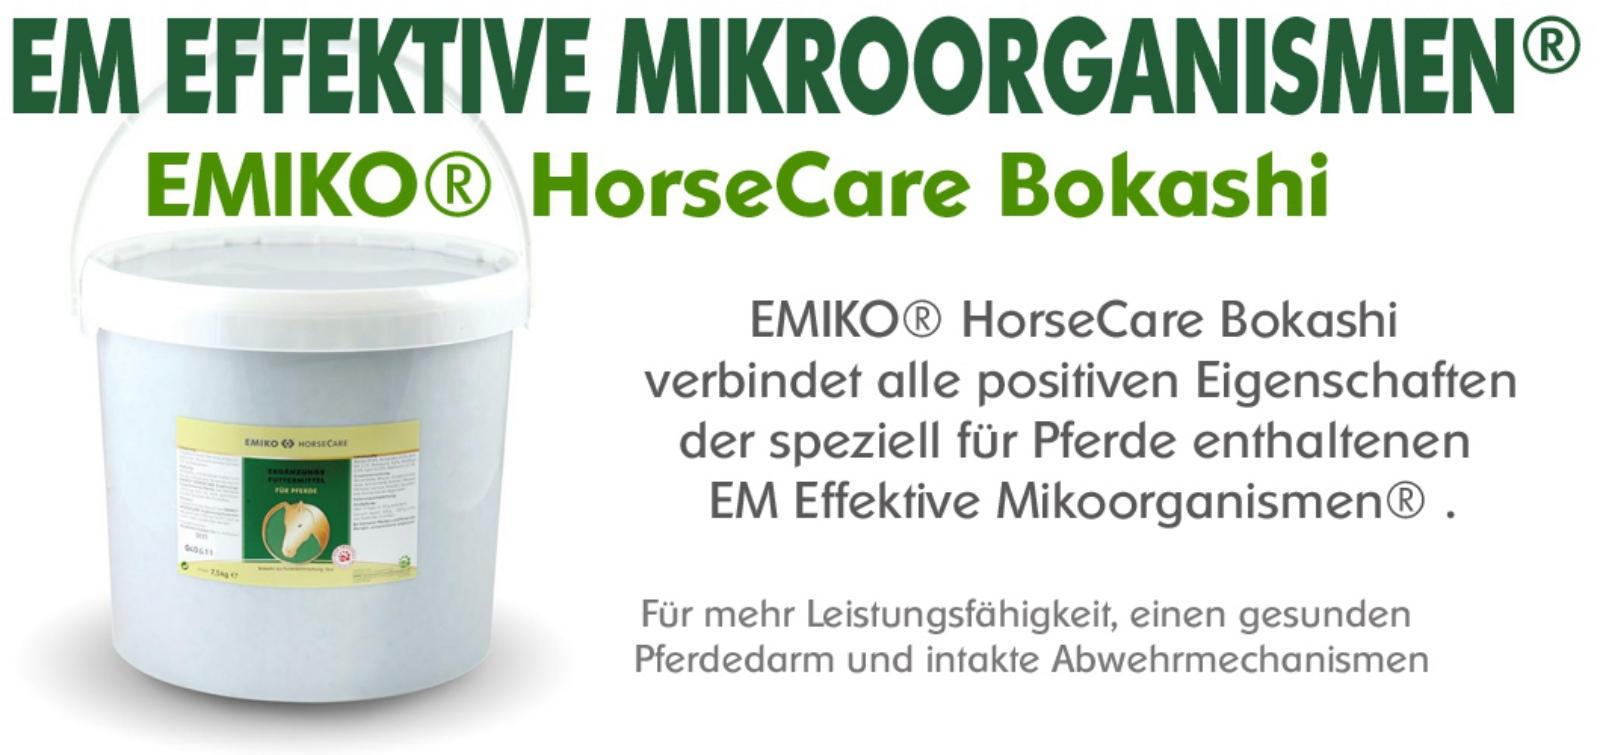 EMIKO® HorseCare BOKASHI Ergänzungsfuttermittel fest